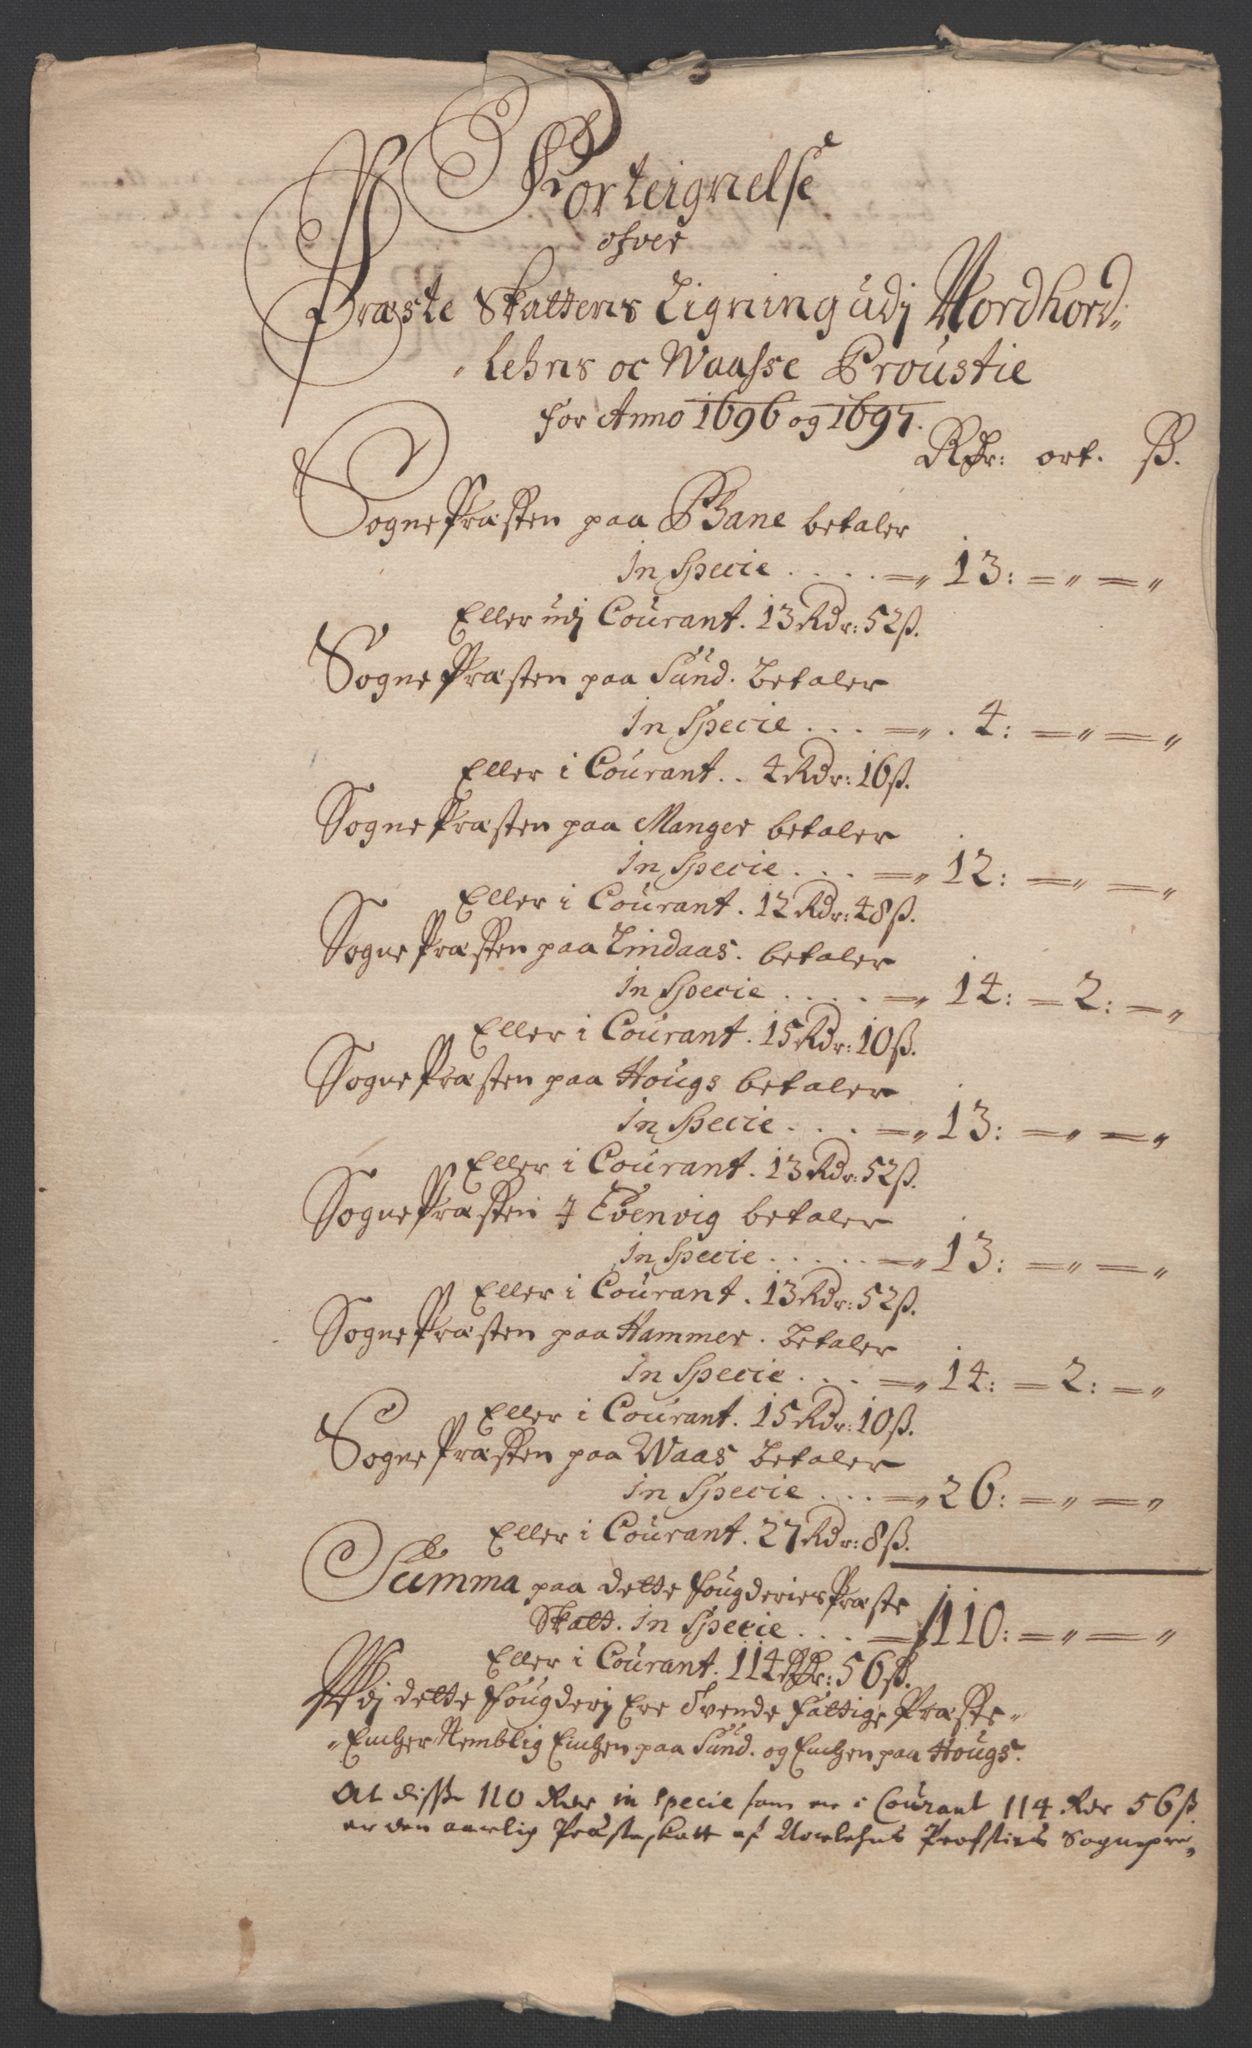 RA, Rentekammeret inntil 1814, Reviderte regnskaper, Fogderegnskap, R51/L3183: Fogderegnskap Nordhordland og Voss, 1695-1697, s. 431